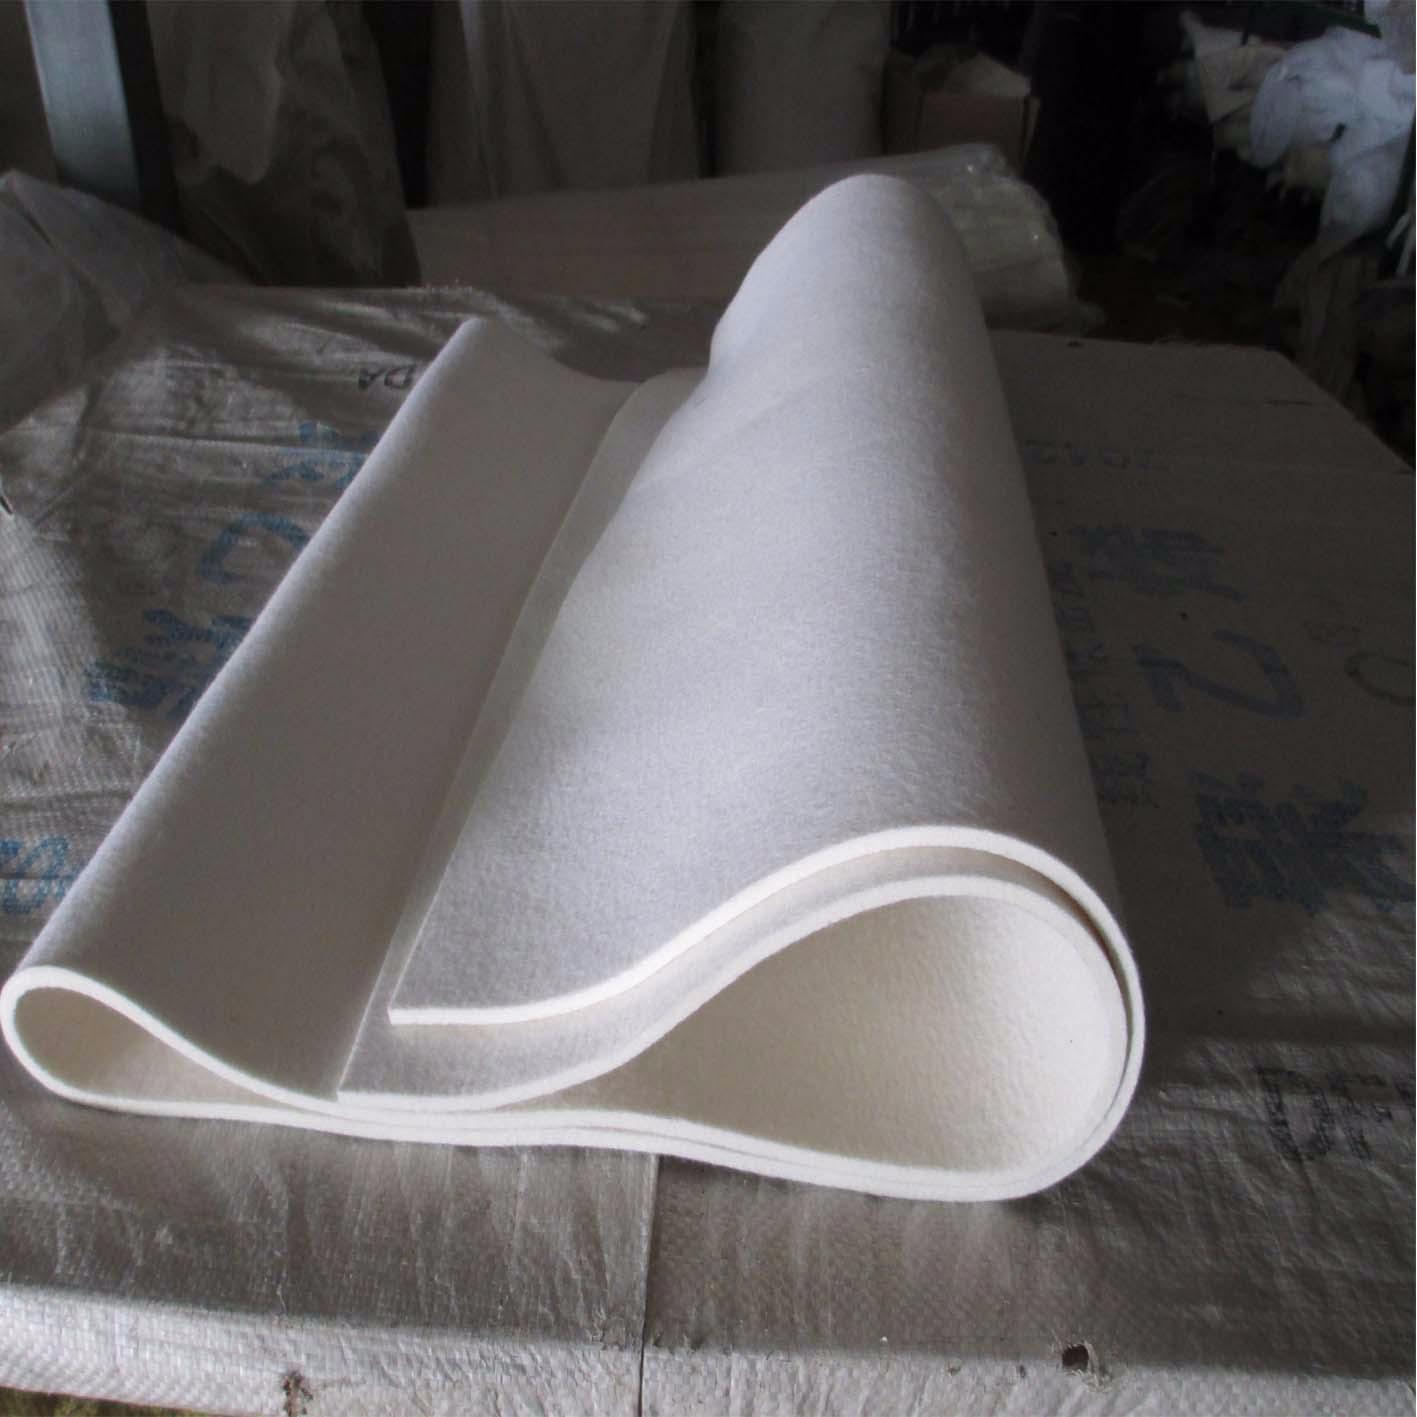 XINGCHEN thảm lông Cung cấp len trắng mịn công nghiệp như một vật liệu sinh thái tự nhiên để chống s